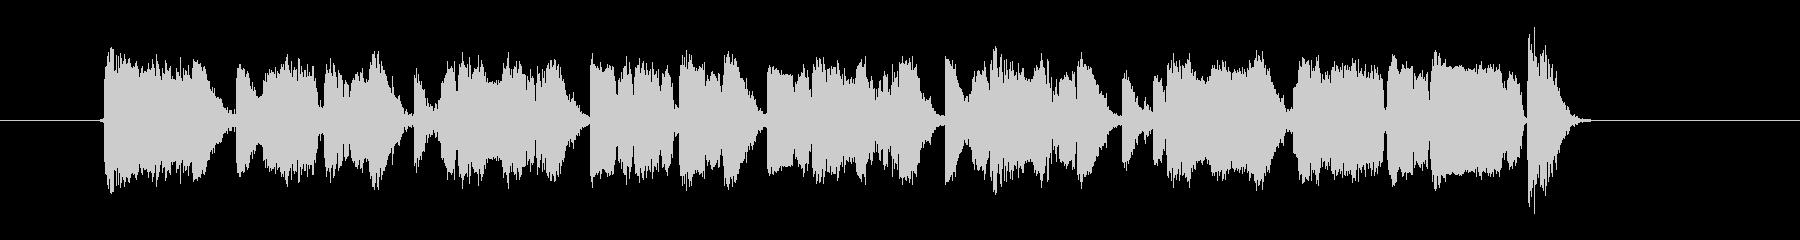 スピーディーでアップテンポなジングルの未再生の波形